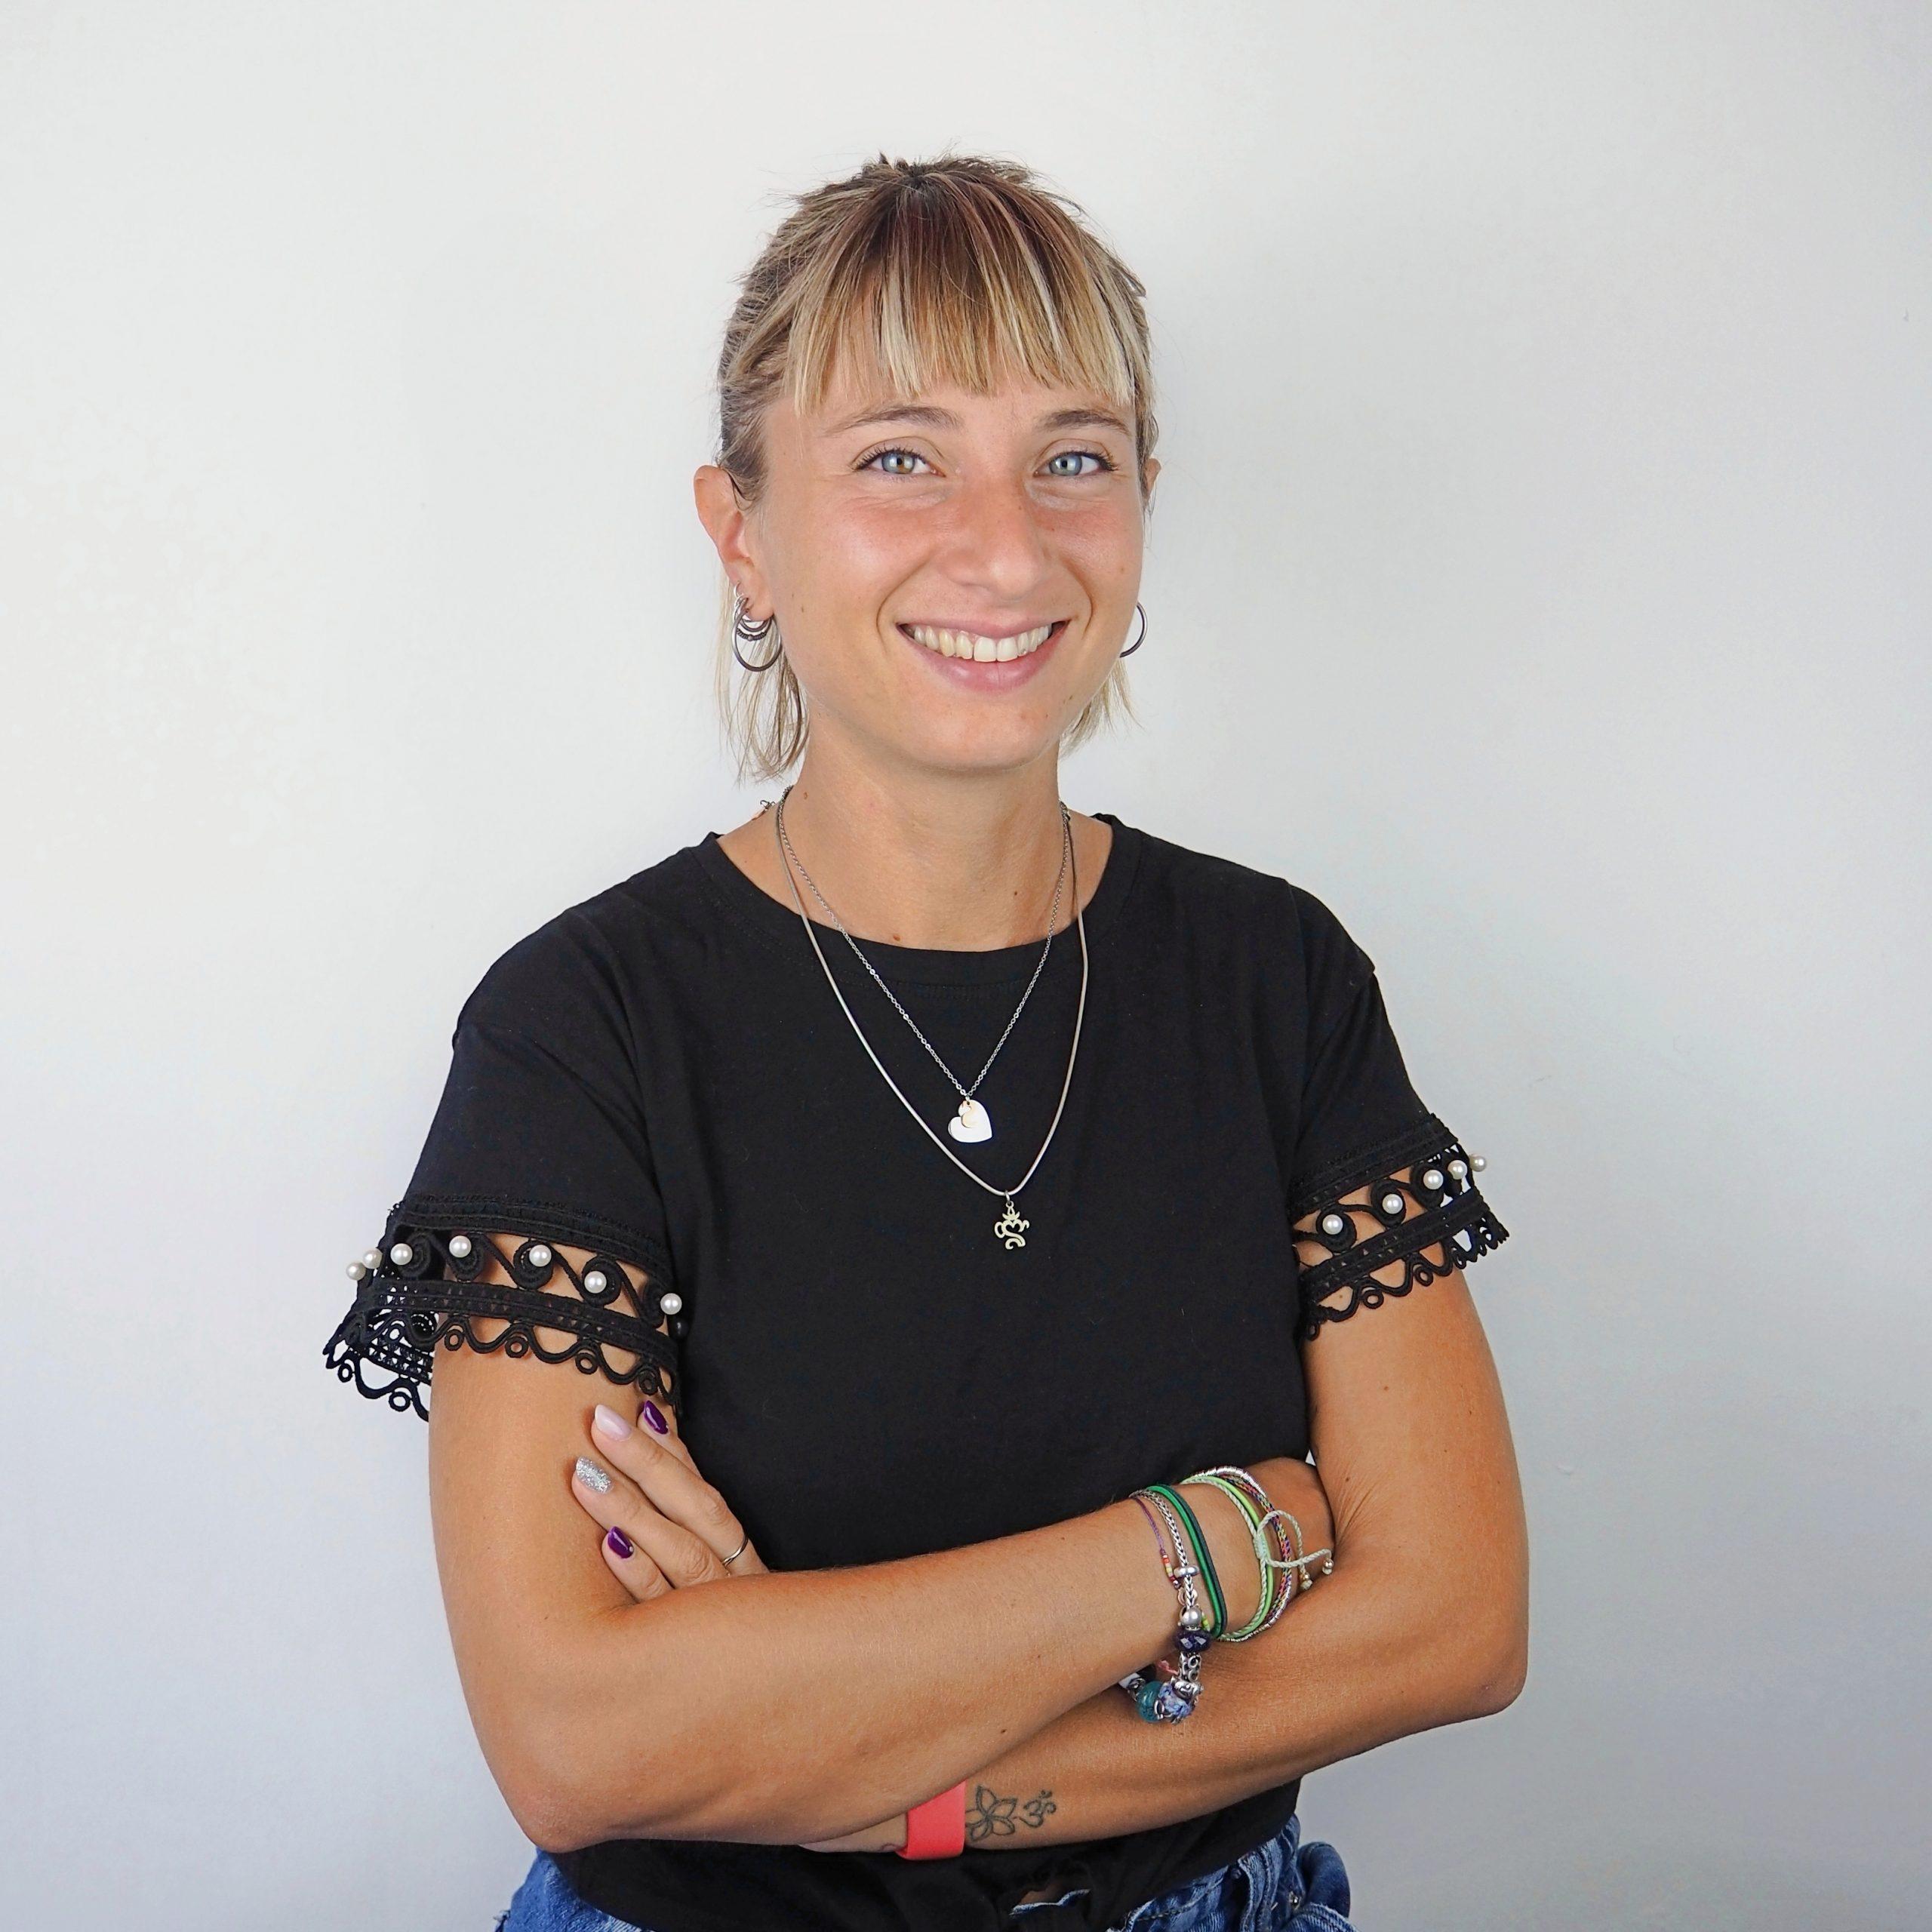 Serena Murabito